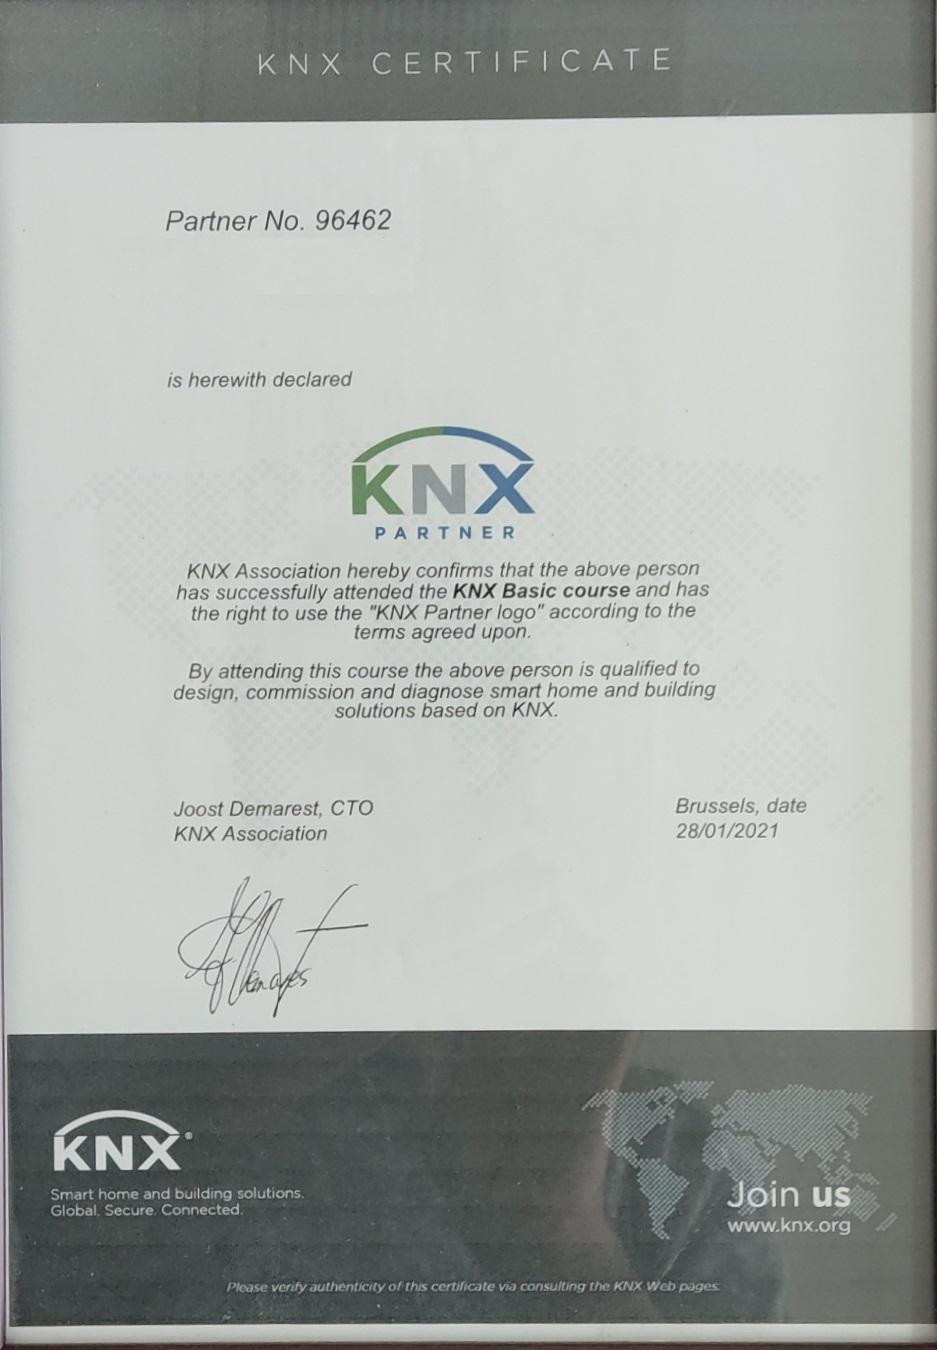 دوره مقدماتی KNX شرکت کارن